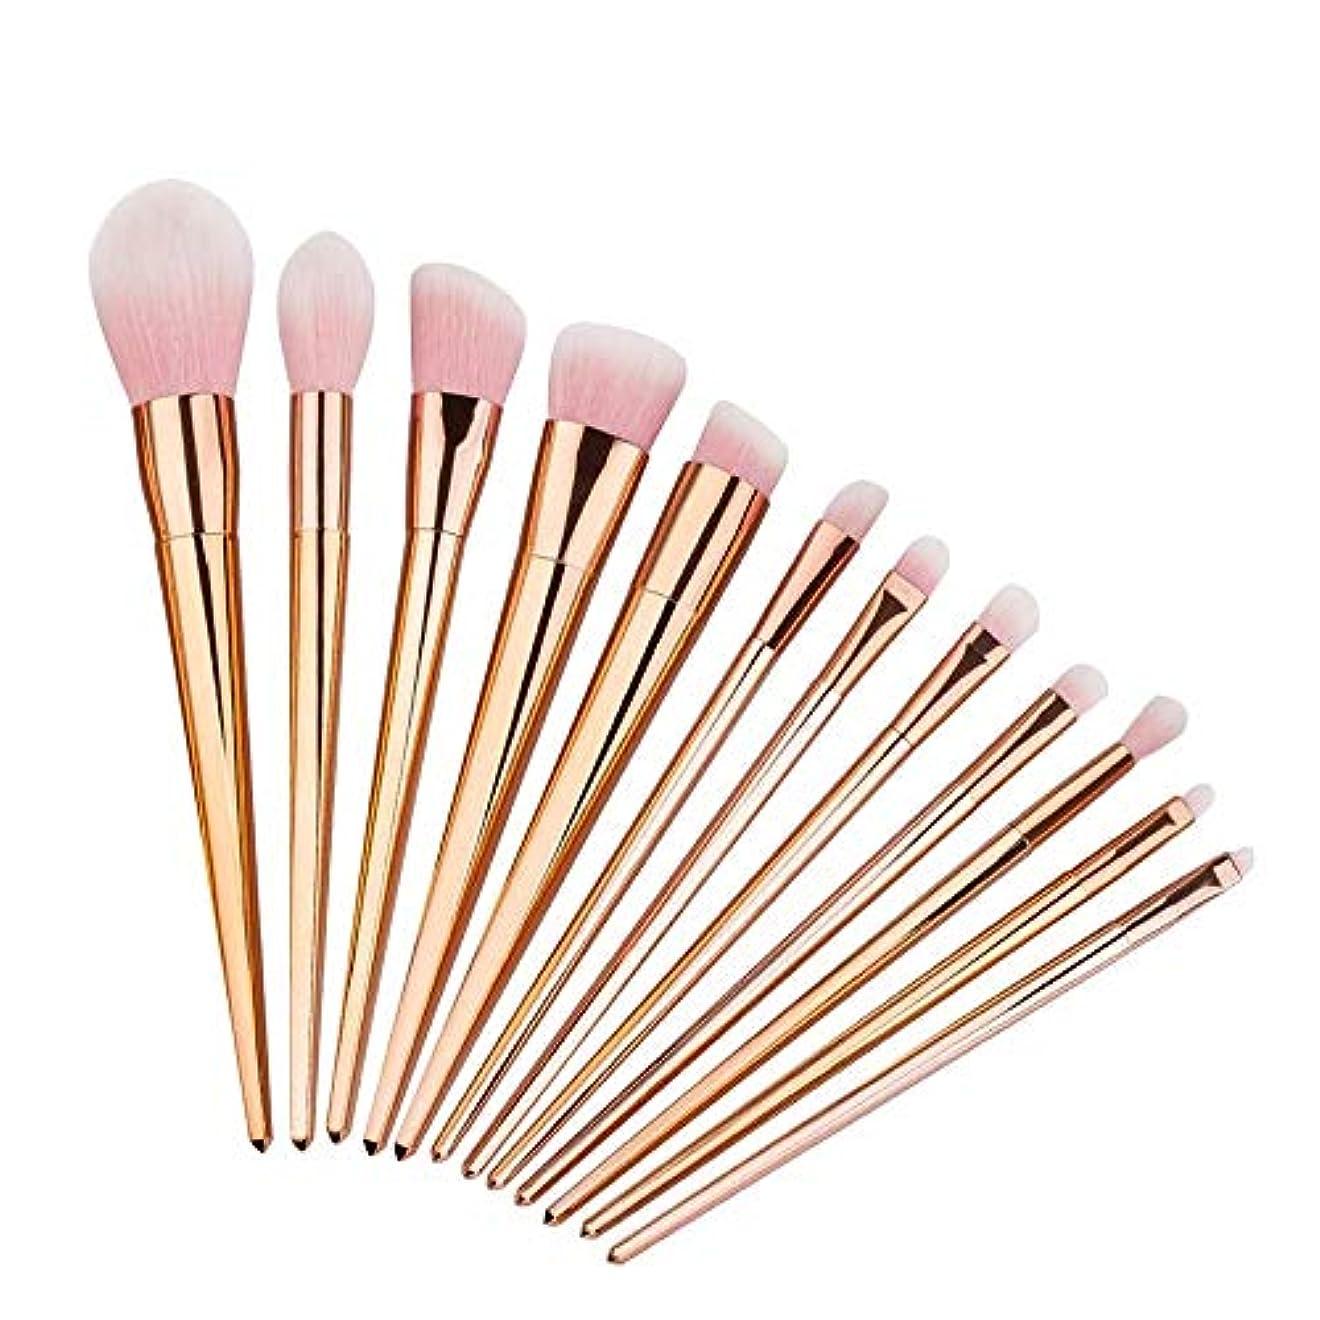 飲料たるみ微視的プロフェッショナル メイクブラシ 化粧筆 シリーズ 化粧ブラシセット 高級タクロン 超柔らかい 可愛い リップブラシツール 12本セット